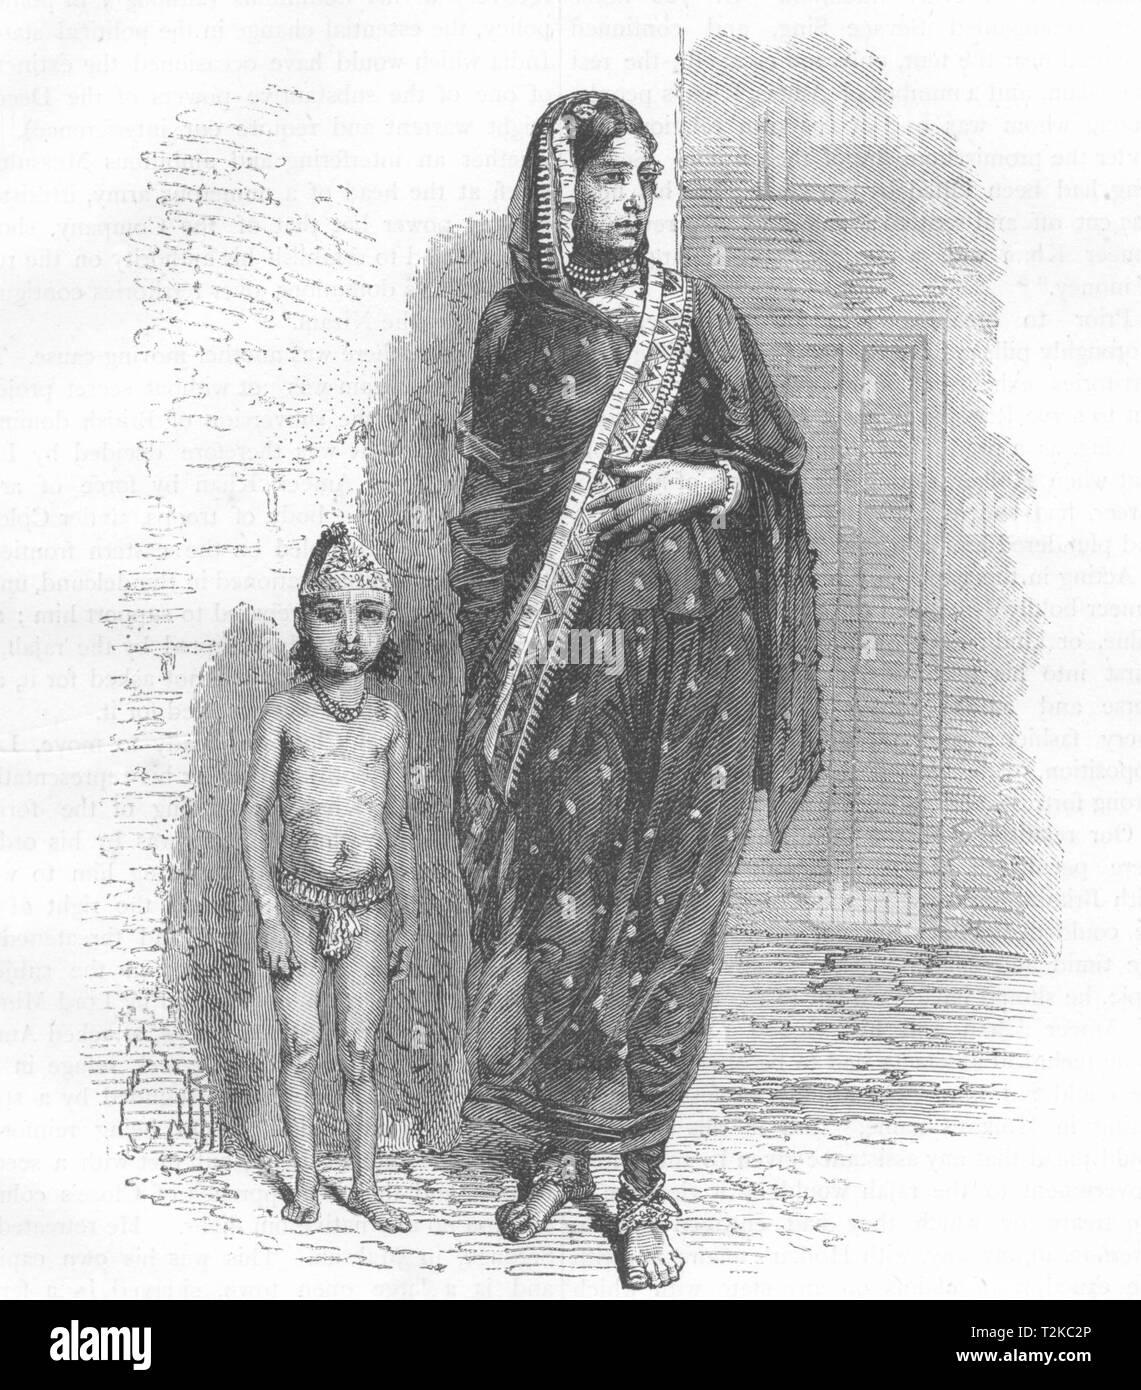 INDIA. Mussulman donna di Bhopal c1880 antica vintage delle immagini di stampa Immagini Stock